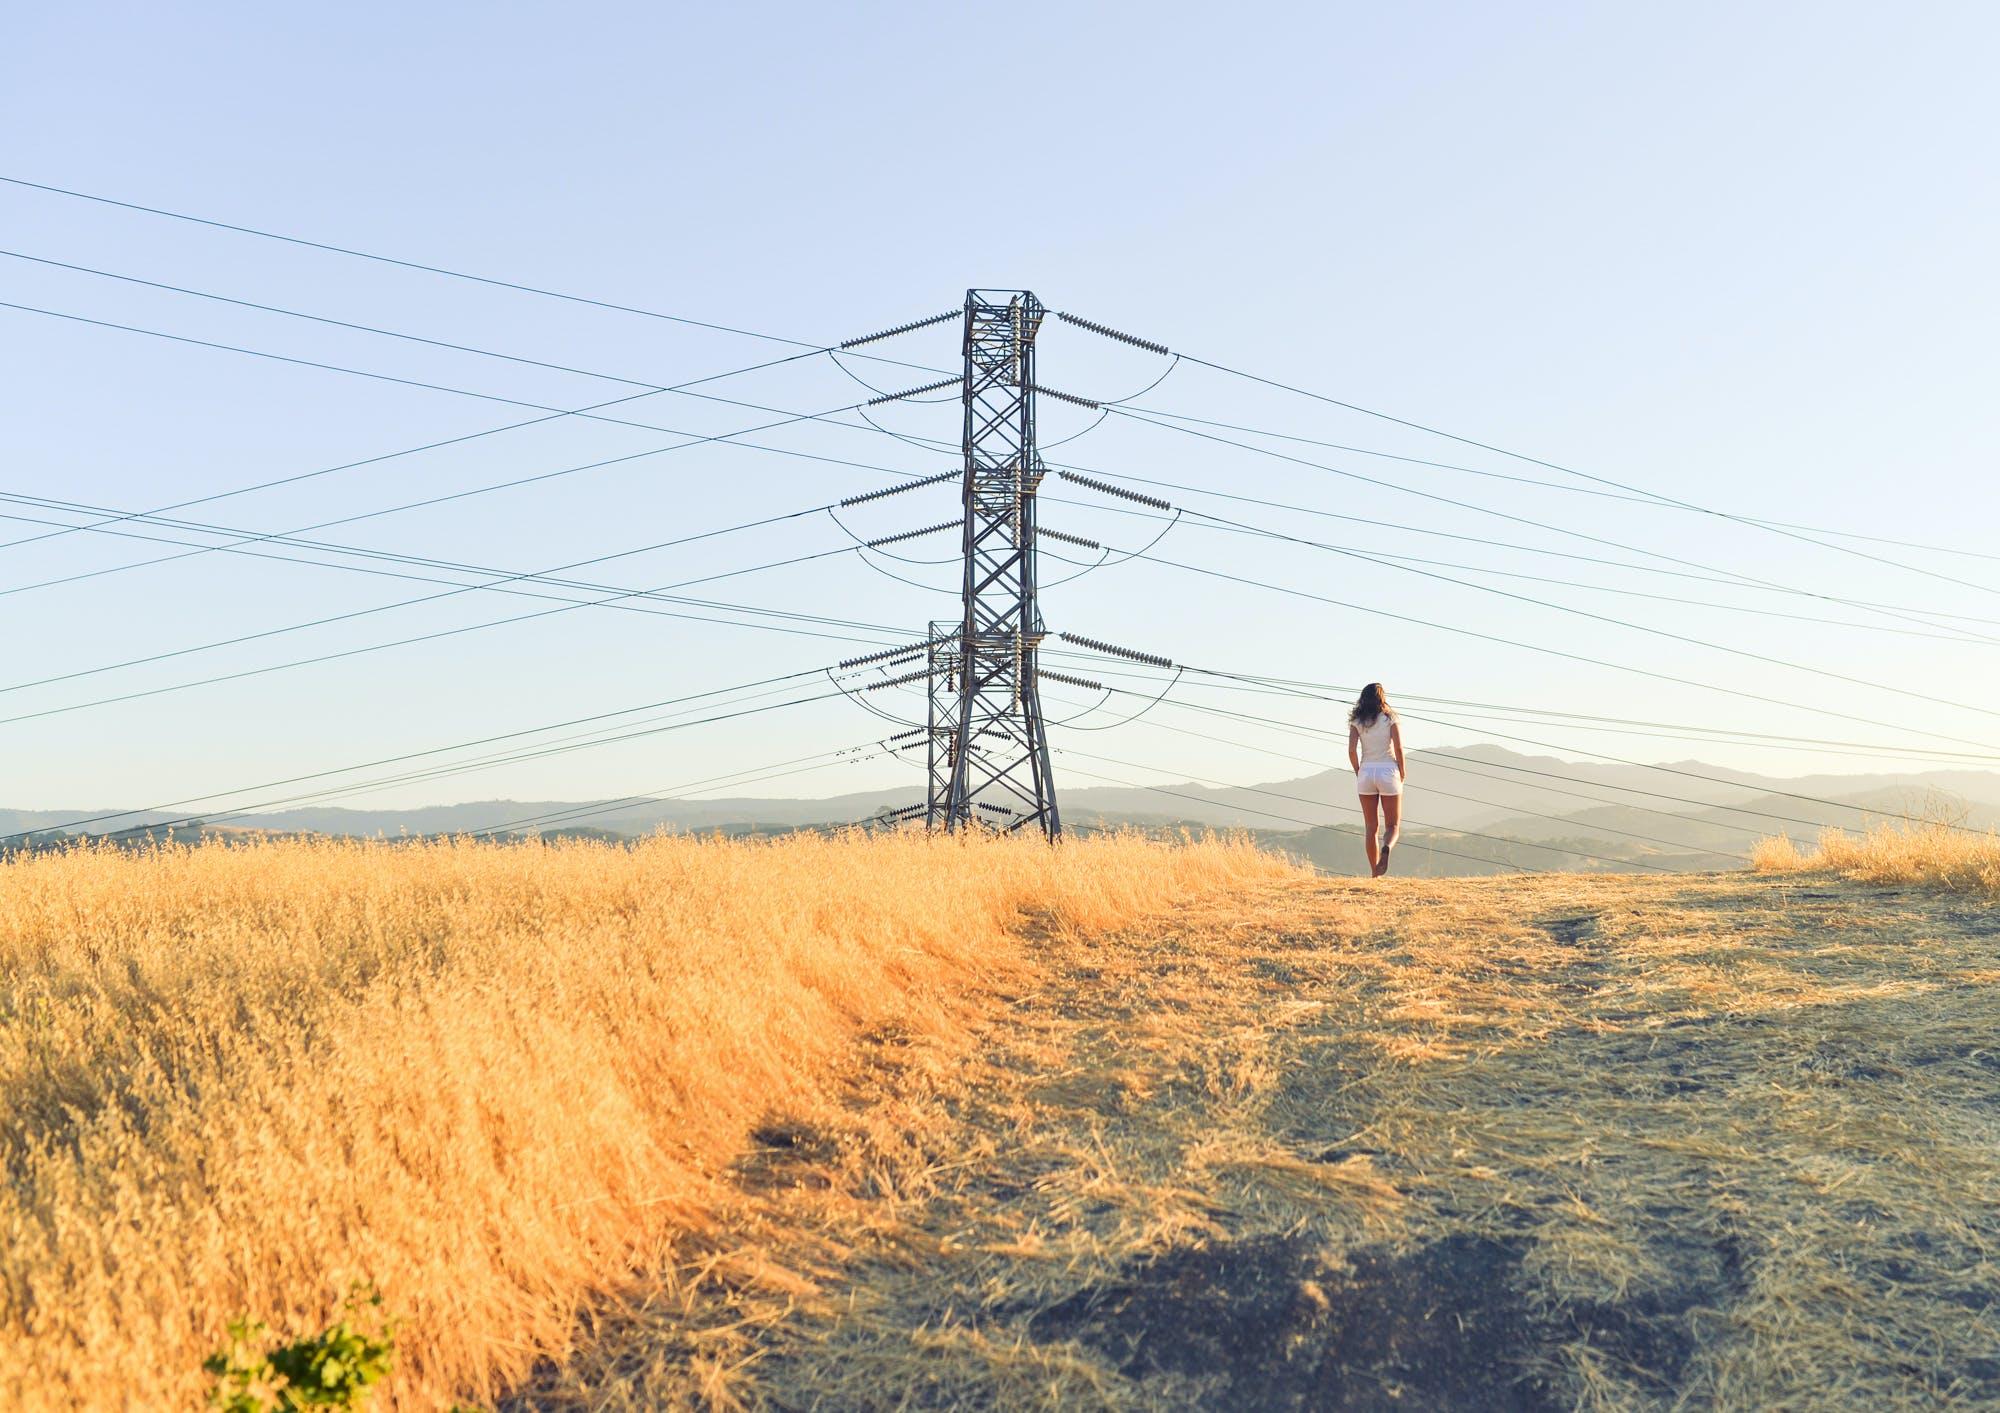 field, model, power lines